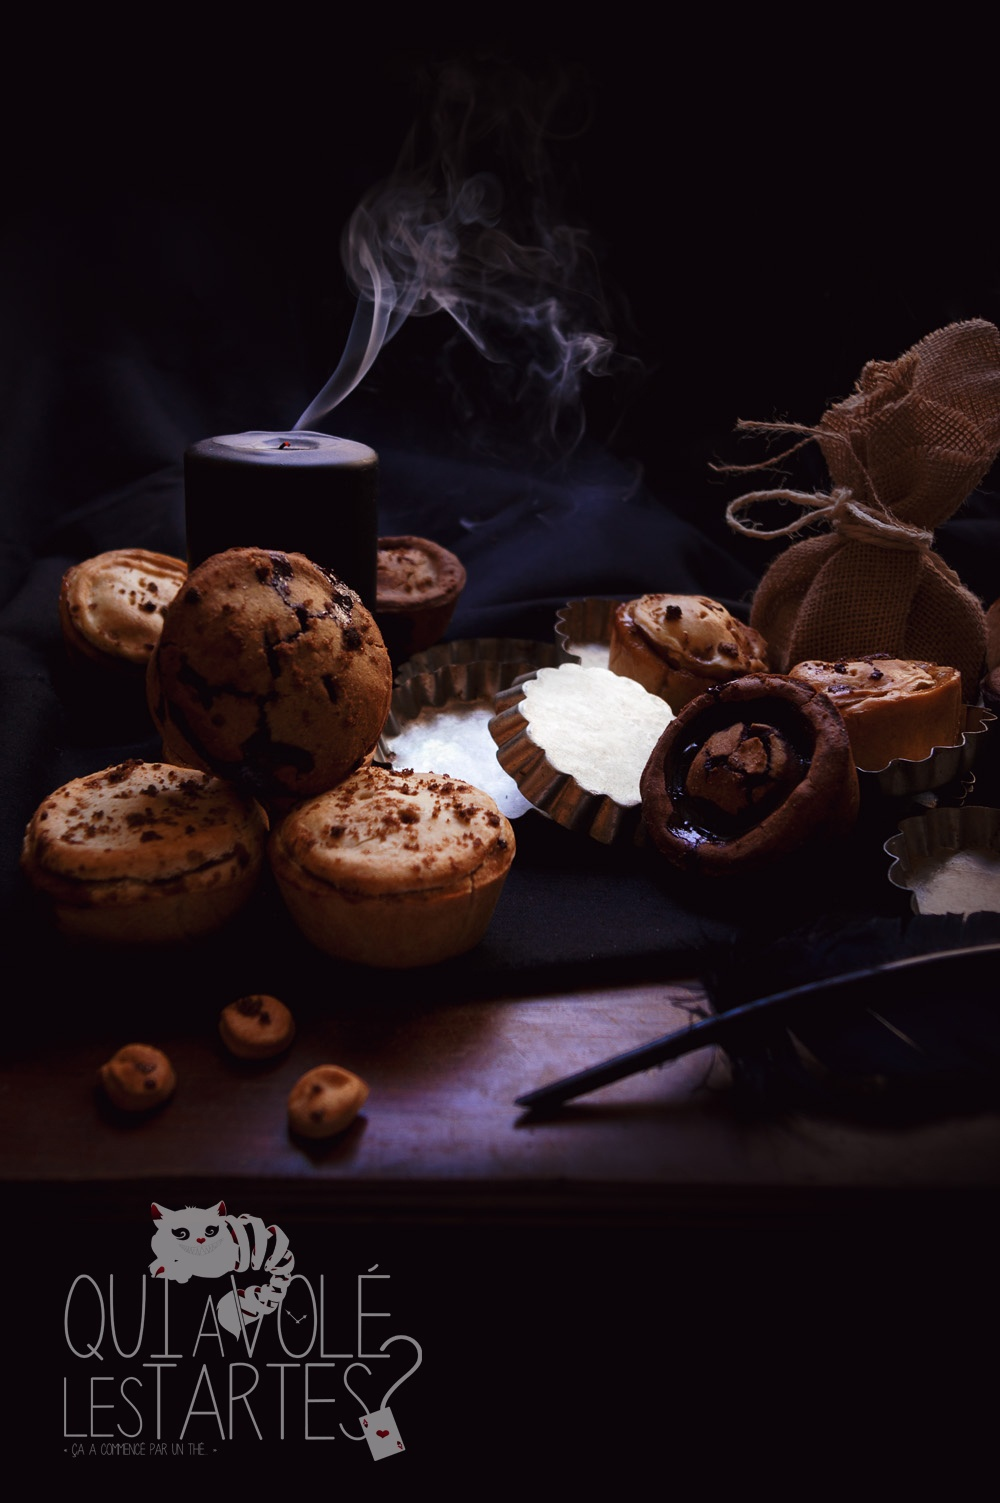 Tourtes à l'ancienne sans gluten - Studio de création - Qui a volé les tartes- Copyright